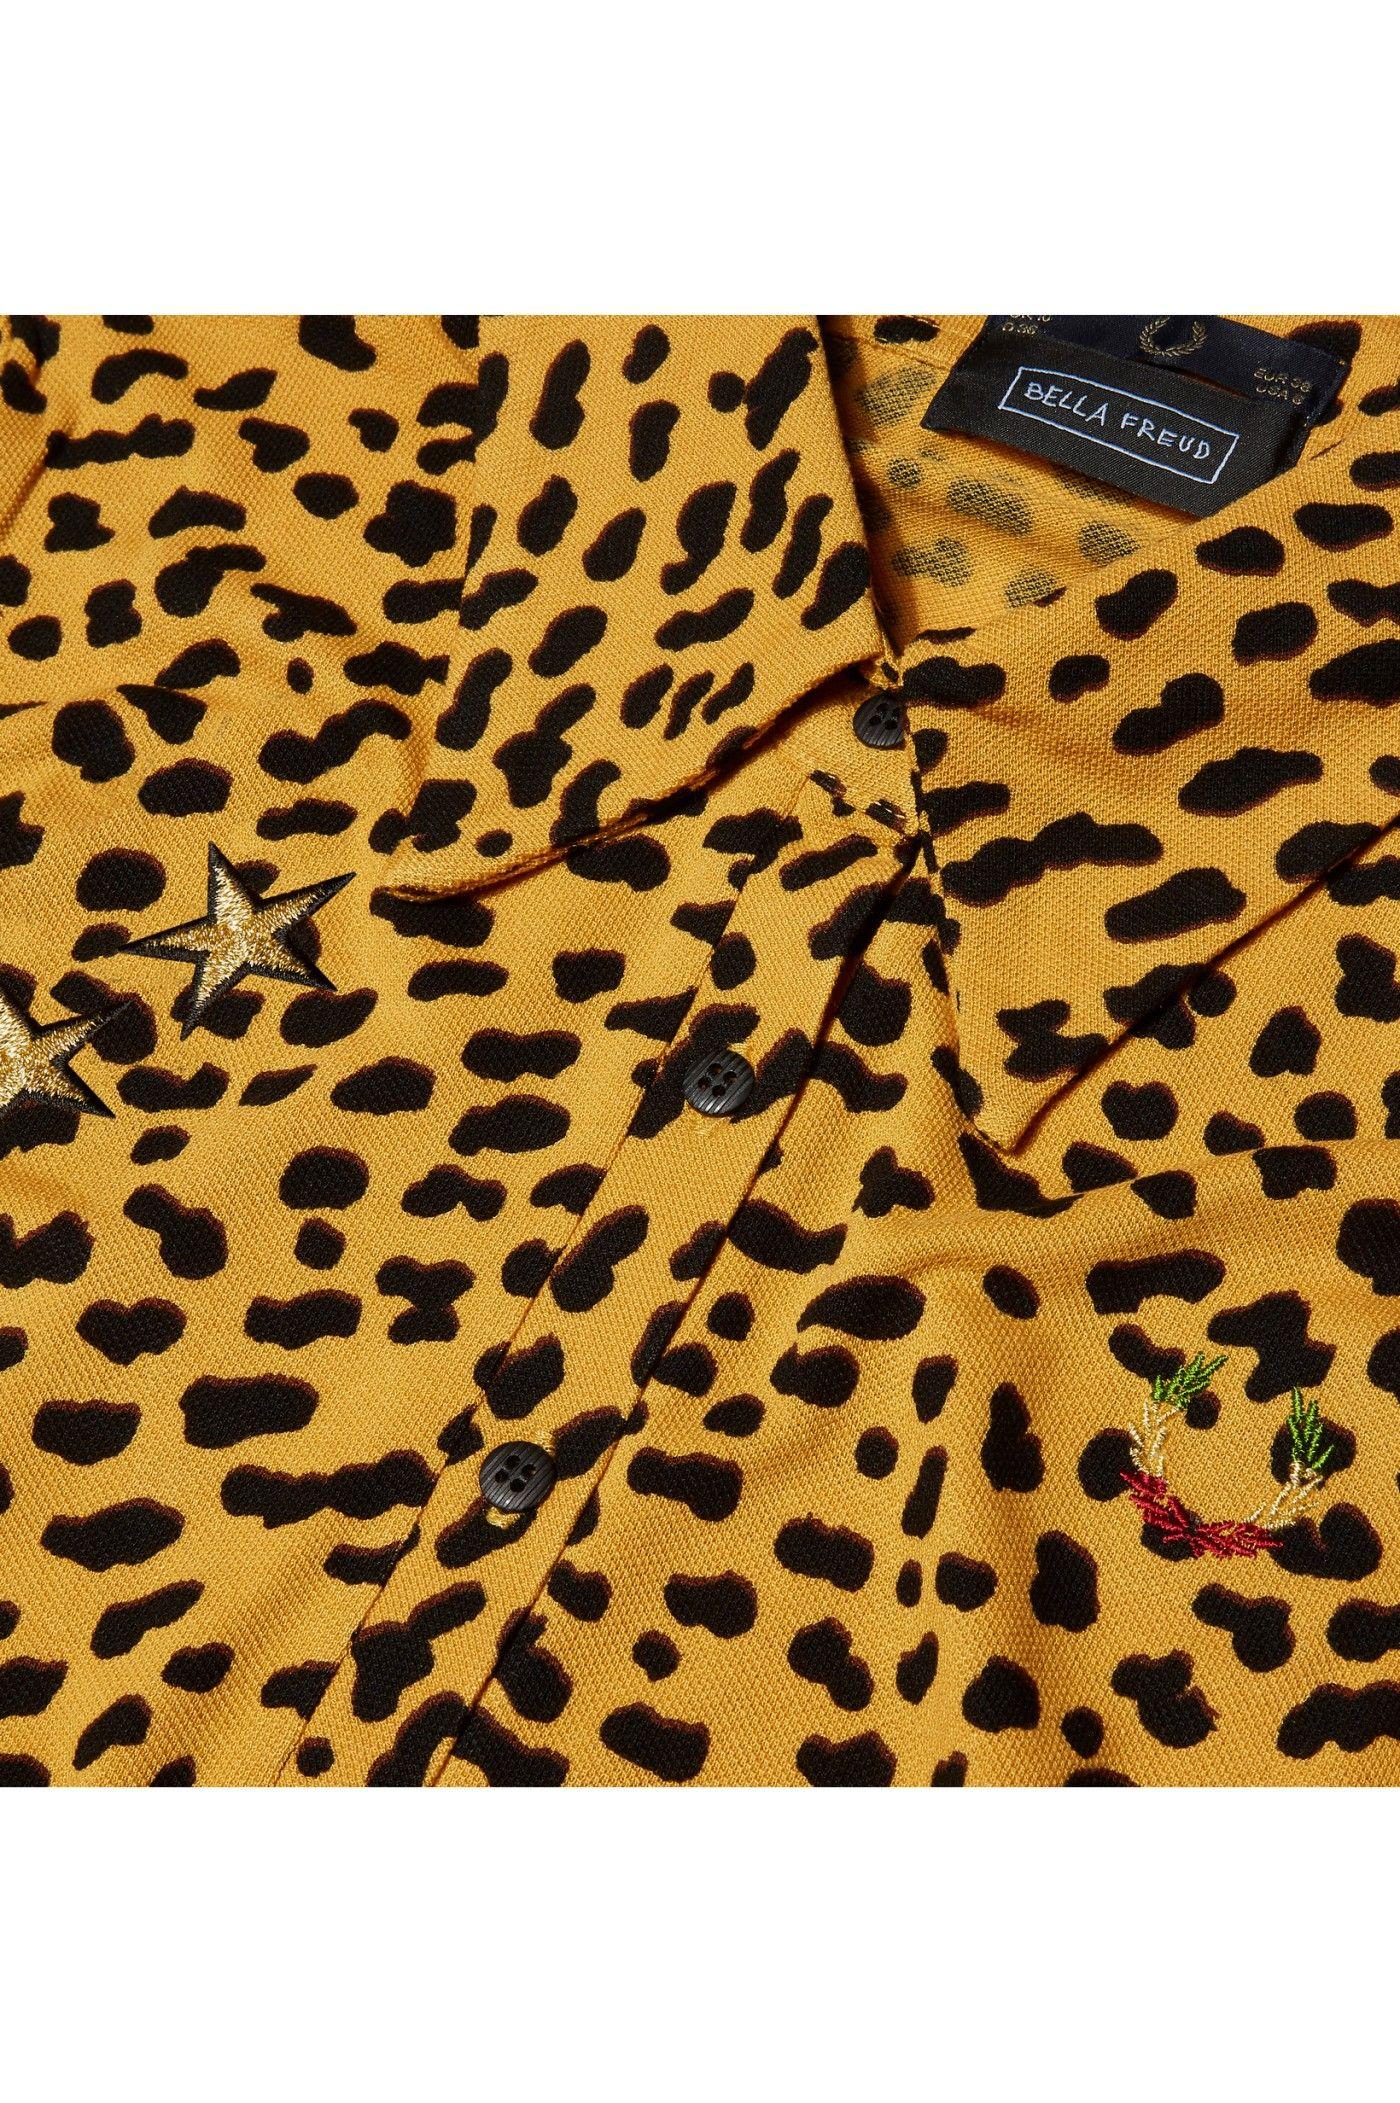 Fred Perry - Bella Freud Leopard Print Piqué Shirt Mustard Yellow. Camisas  De Estampado ...